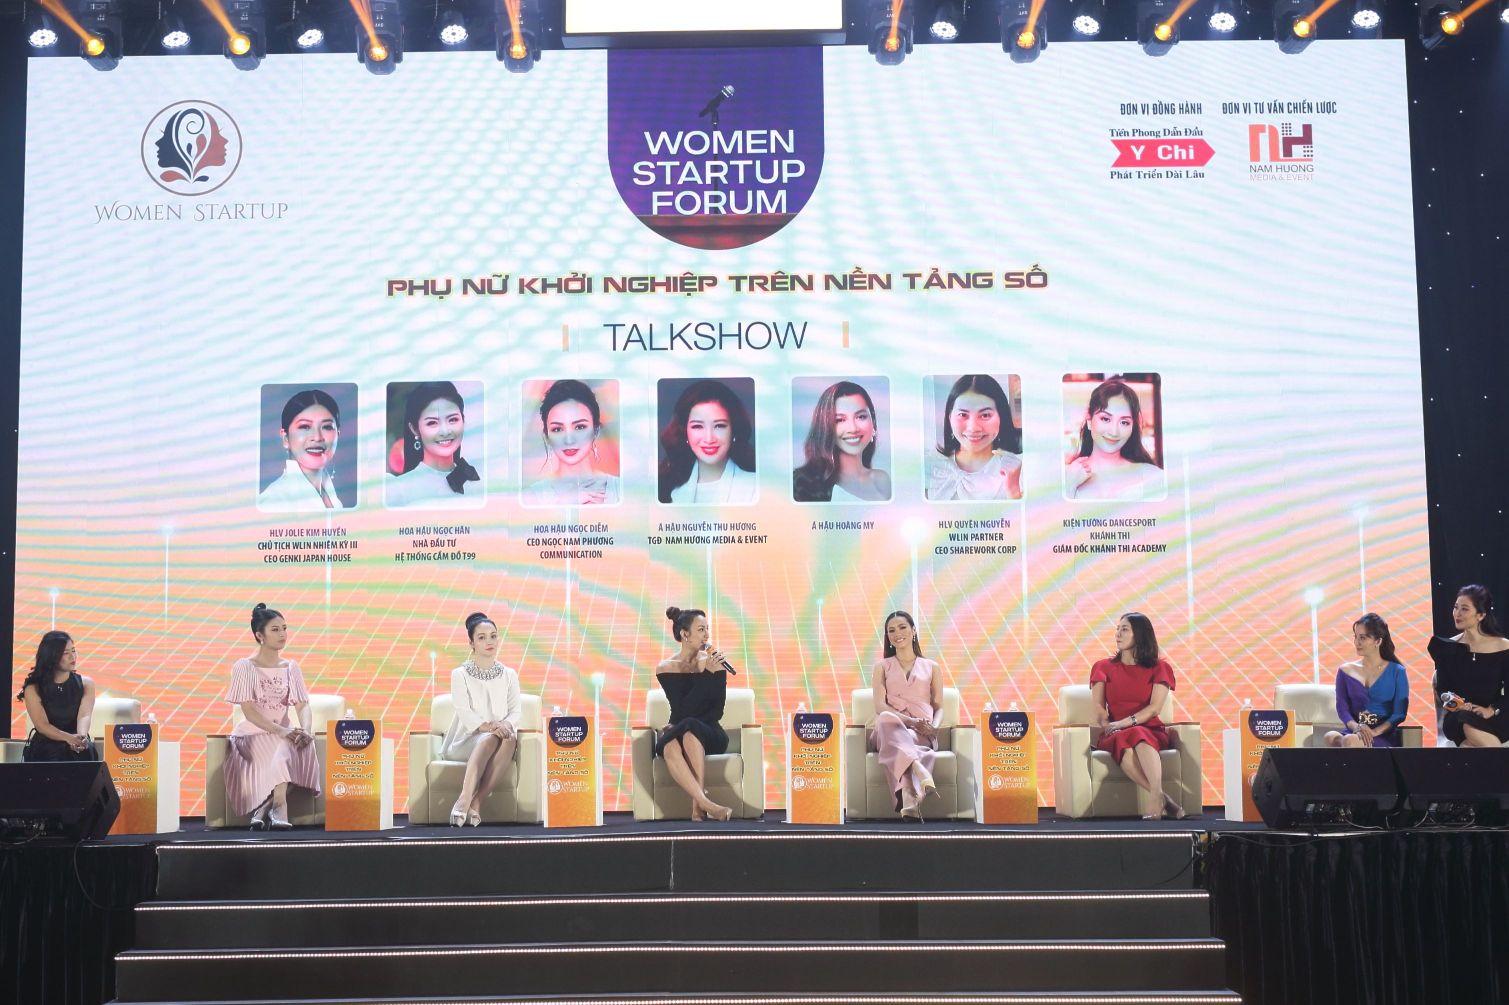 Các nữ diễn giả chia sẻ trong tọa đàm Phụ nữ khởi nghiệp trên nền tảng số Cơ hội và thách thức Diễn Đàn Phụ Nữ Khởi Nghiệp Trên Nền Tảng Số: Mở ra nhiều cơ hội cho phụ nữ Việt